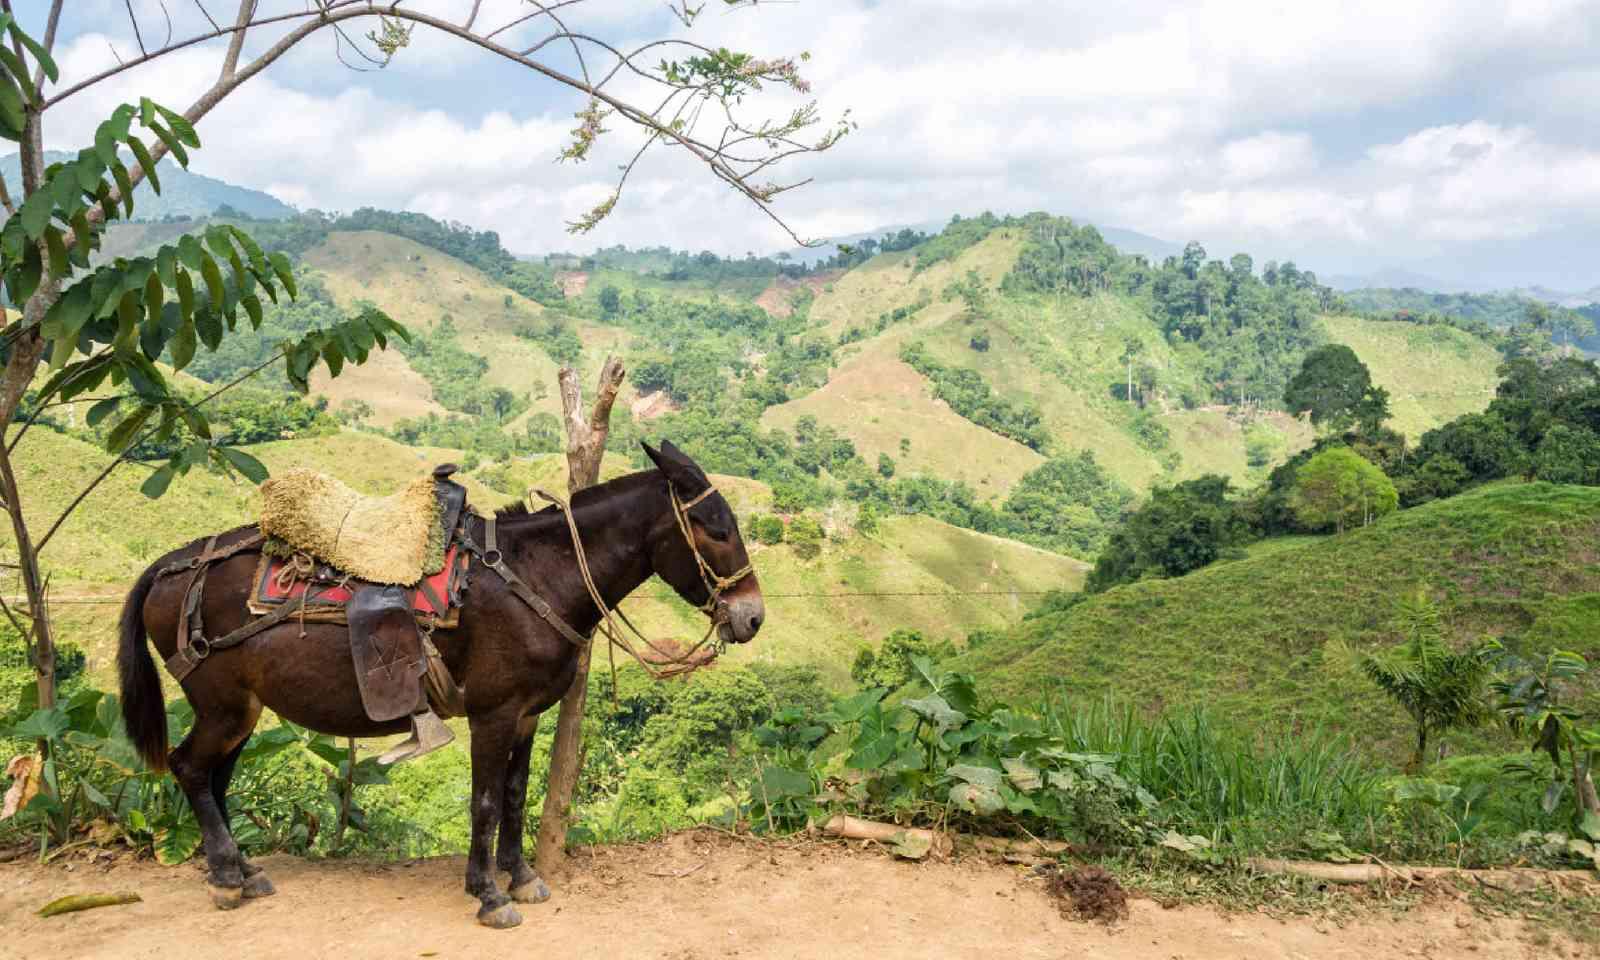 Donkey in Santa Marta (Shutterstock)